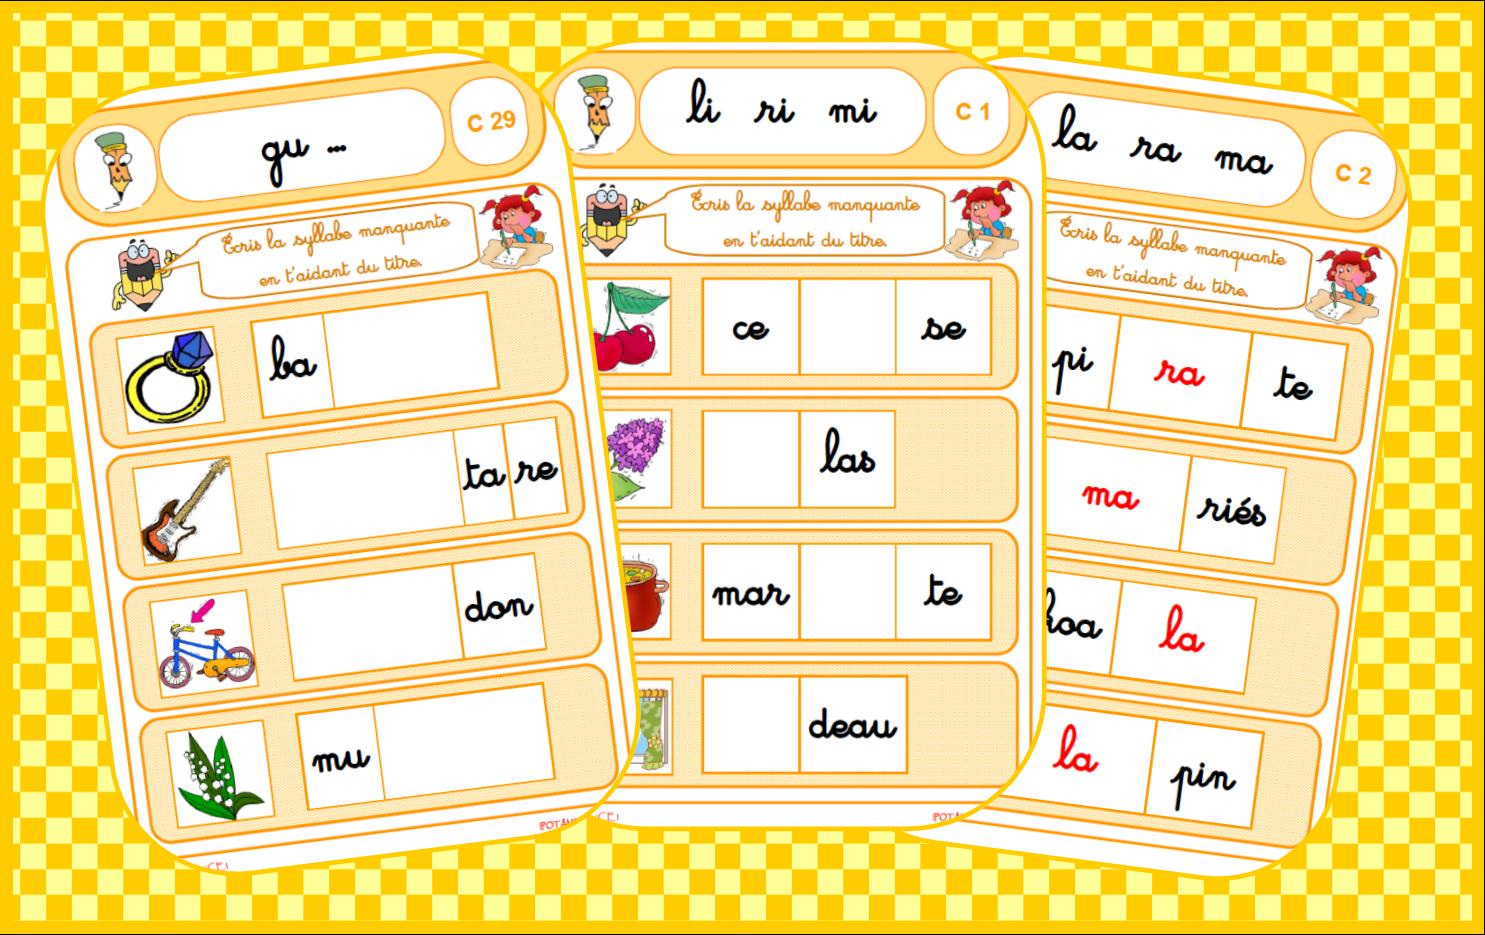 Image Result For Jeux De Lecture Cp À Imprimer | Ecole intérieur Jeux Cp À Imprimer